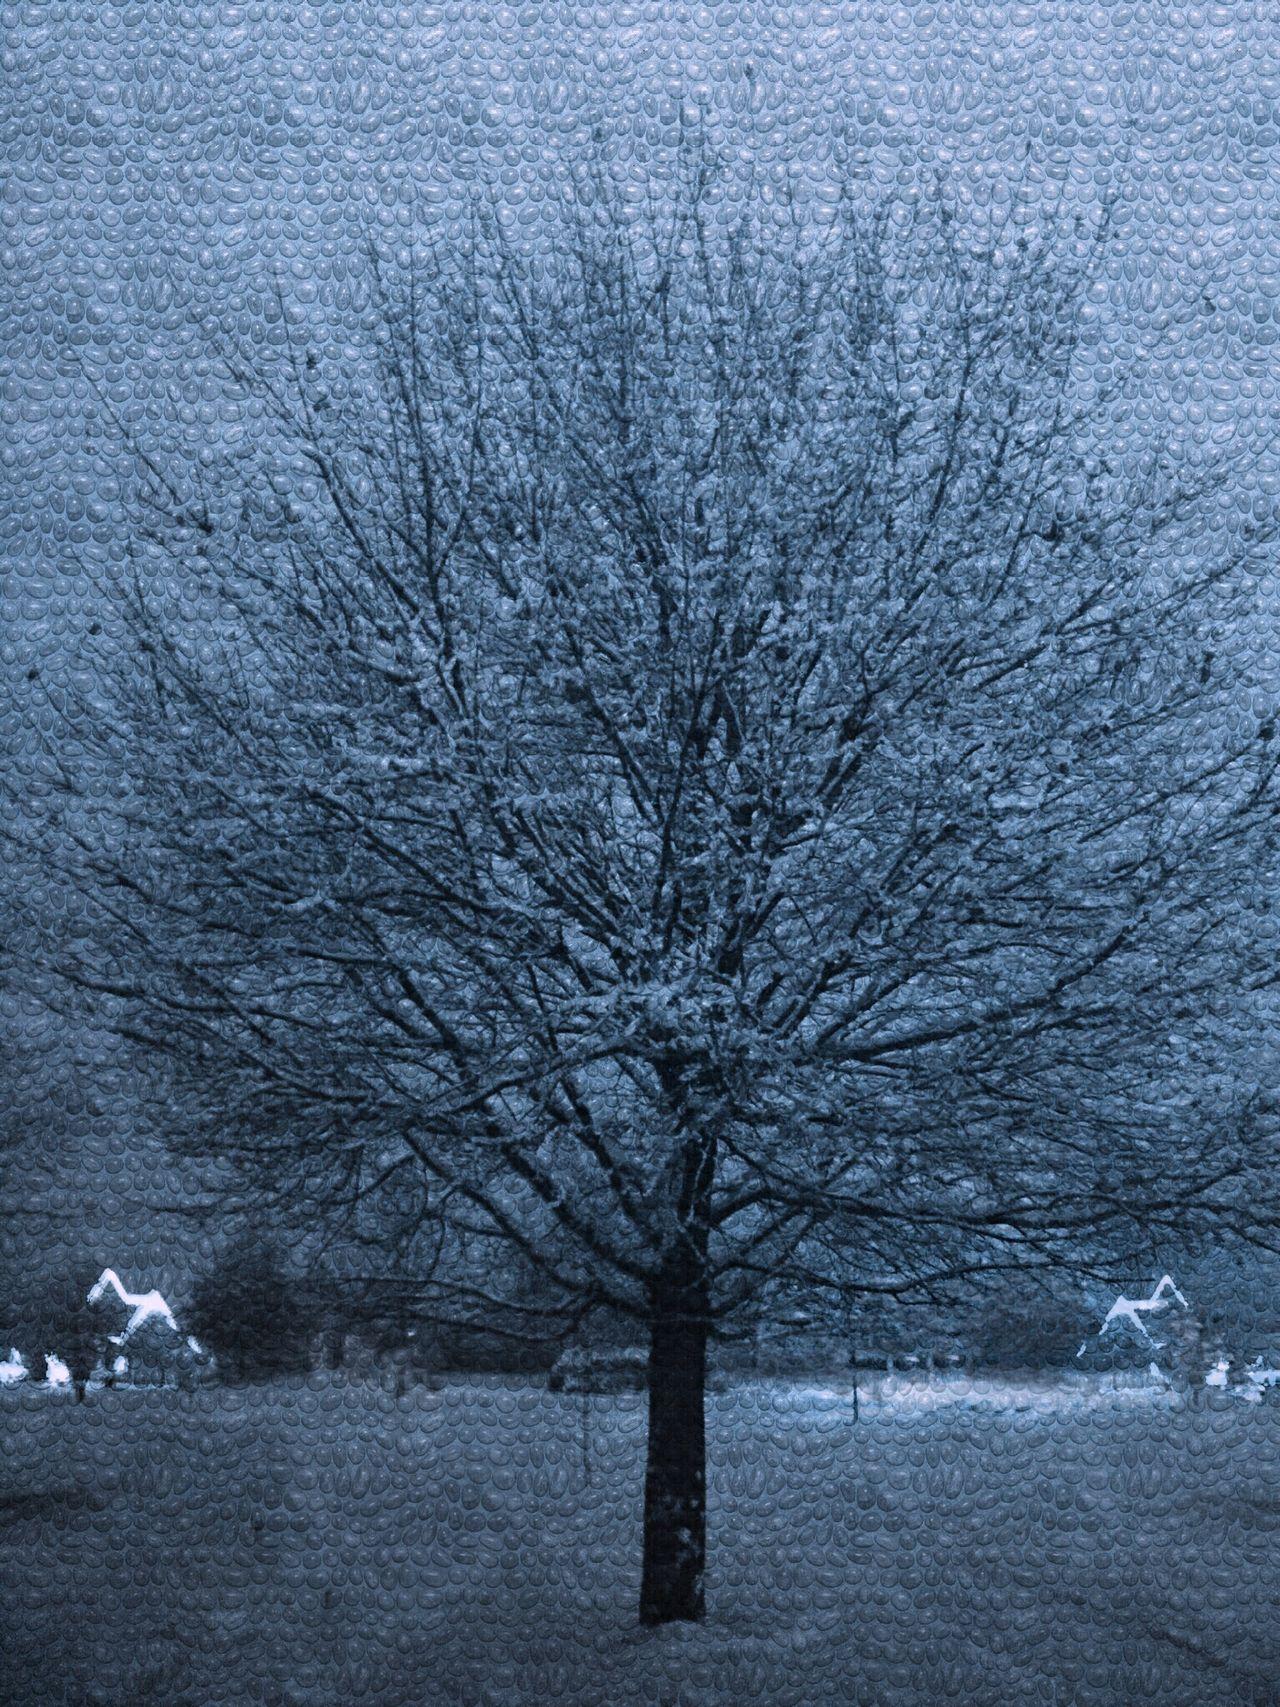 Winter Wonderland Winter Wintertime Winter Trees Winter Sky Winter Landscape Winter Is Coming Cold Temperature Cold Days Cold Winter ❄⛄ Cold Weather Oswego, IL